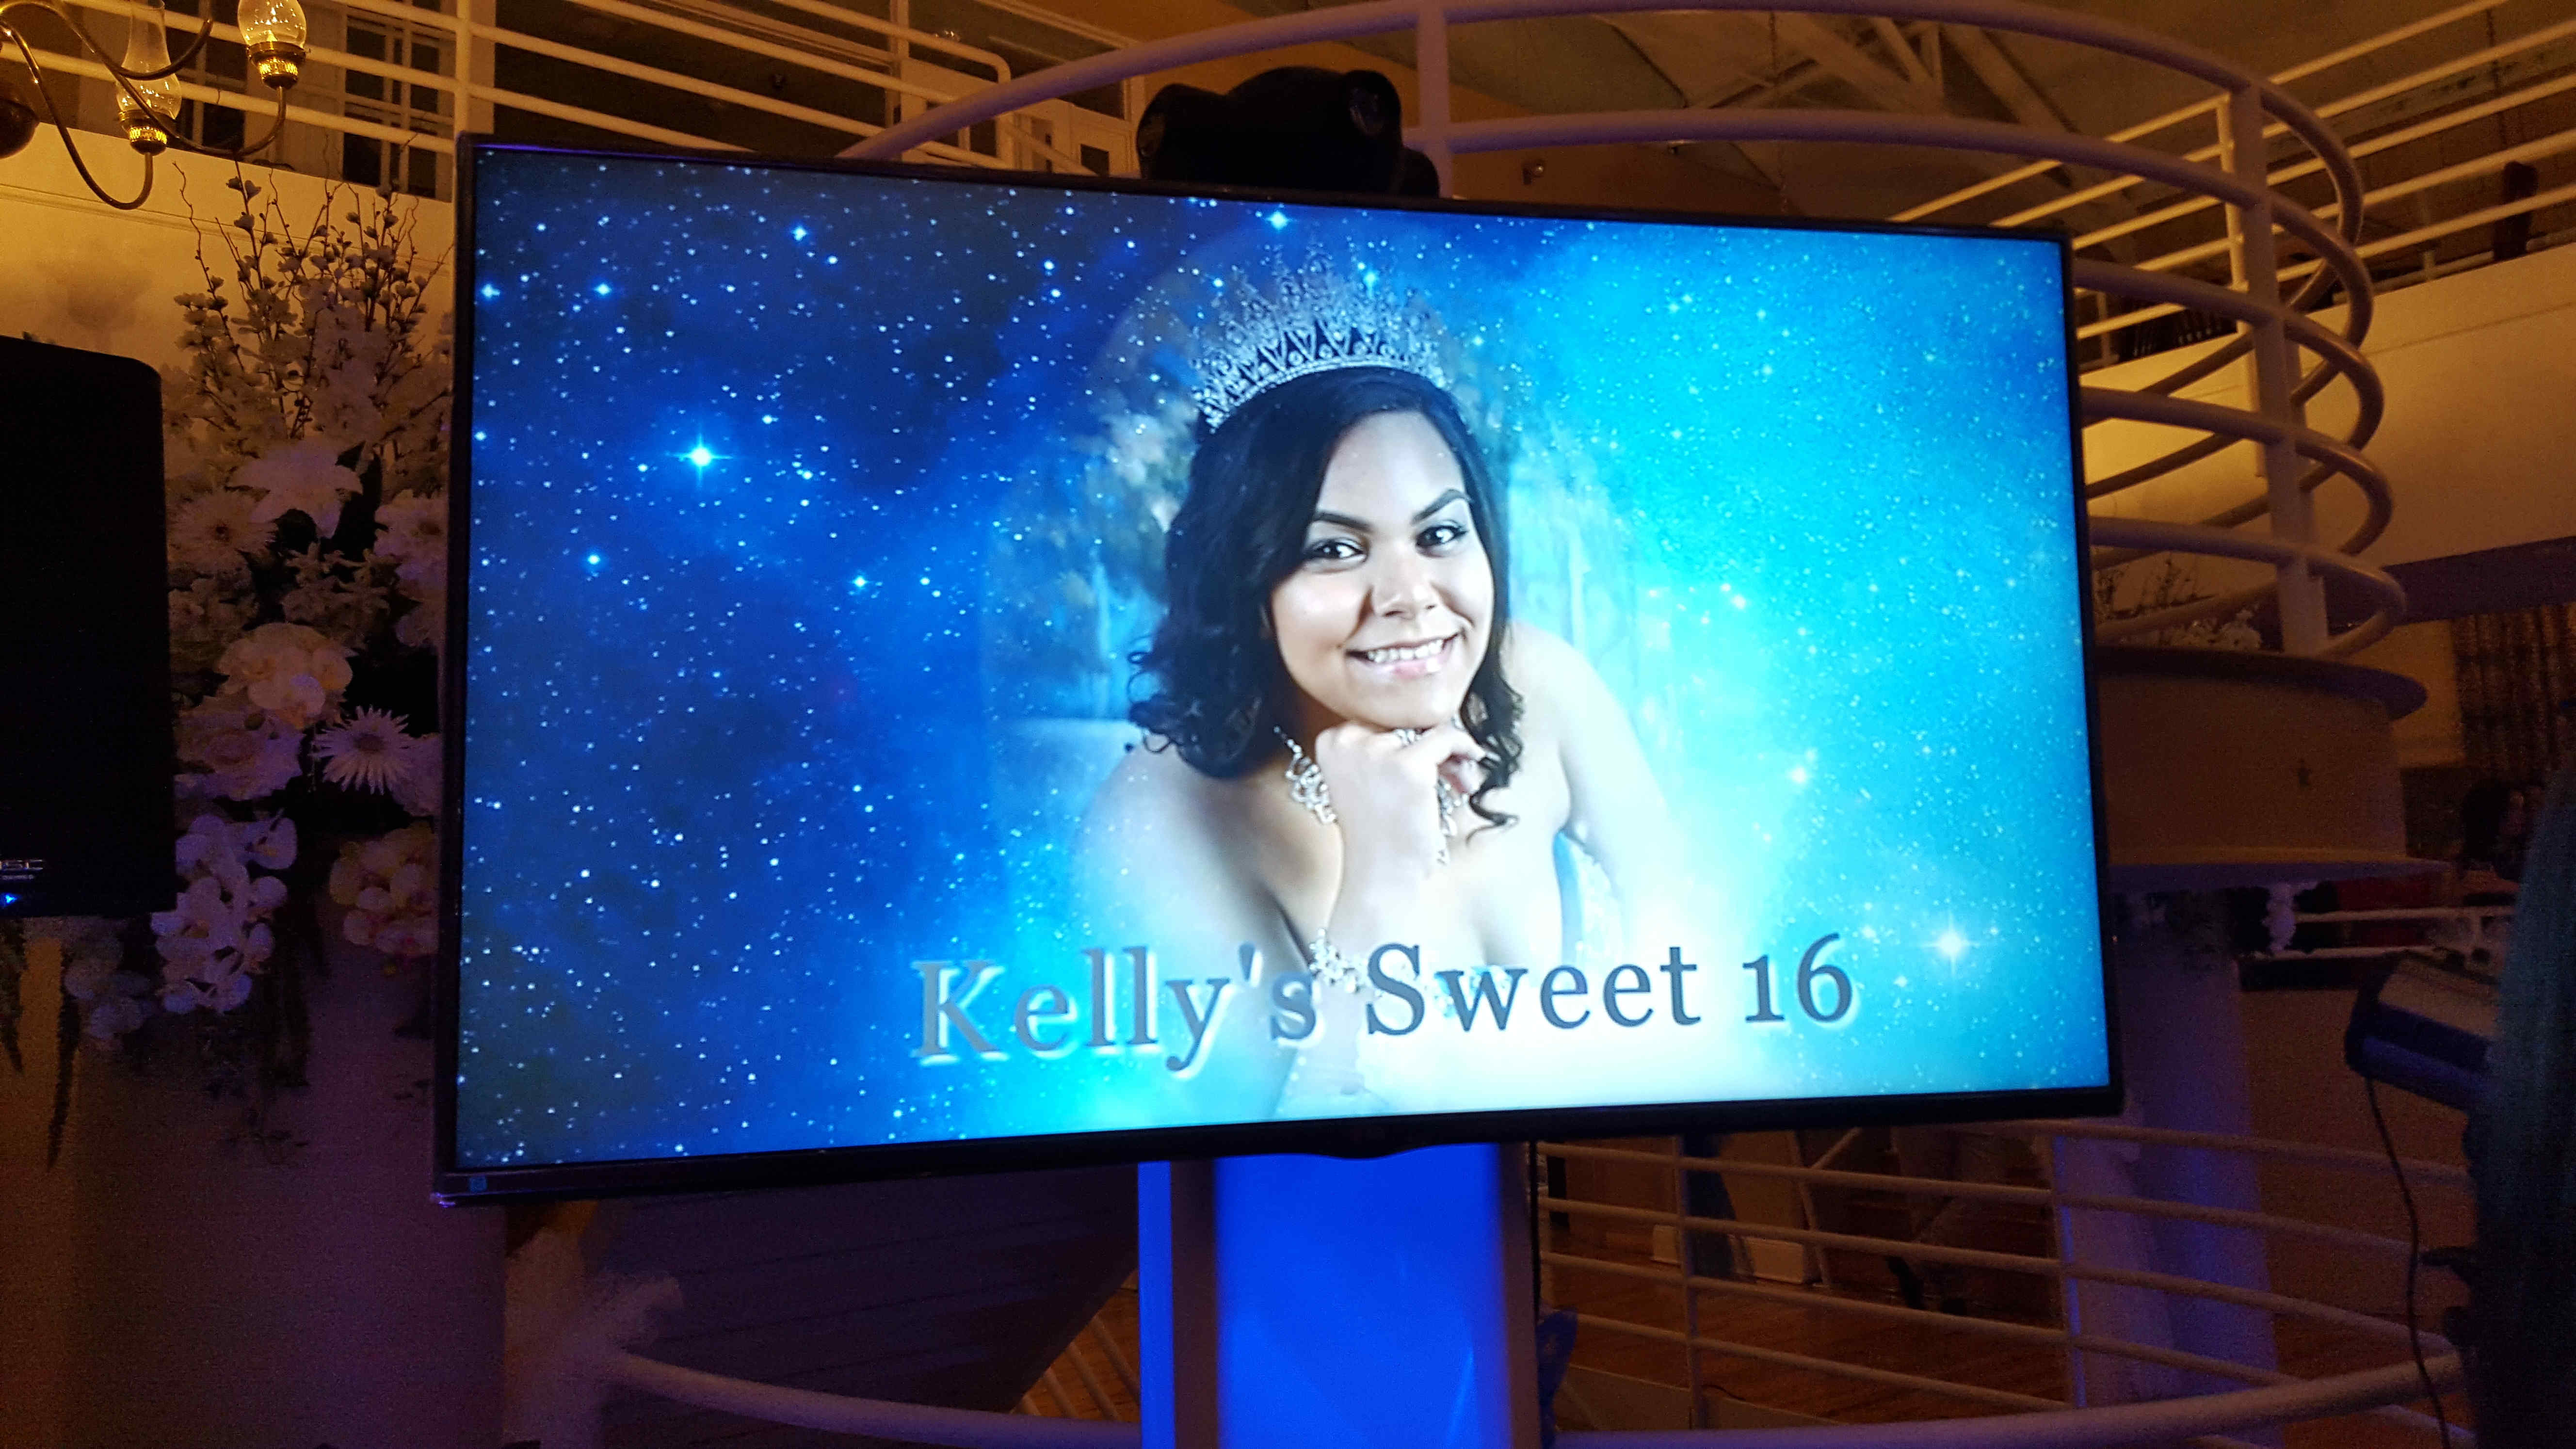 Kellys-Sweet 16-pic1.1